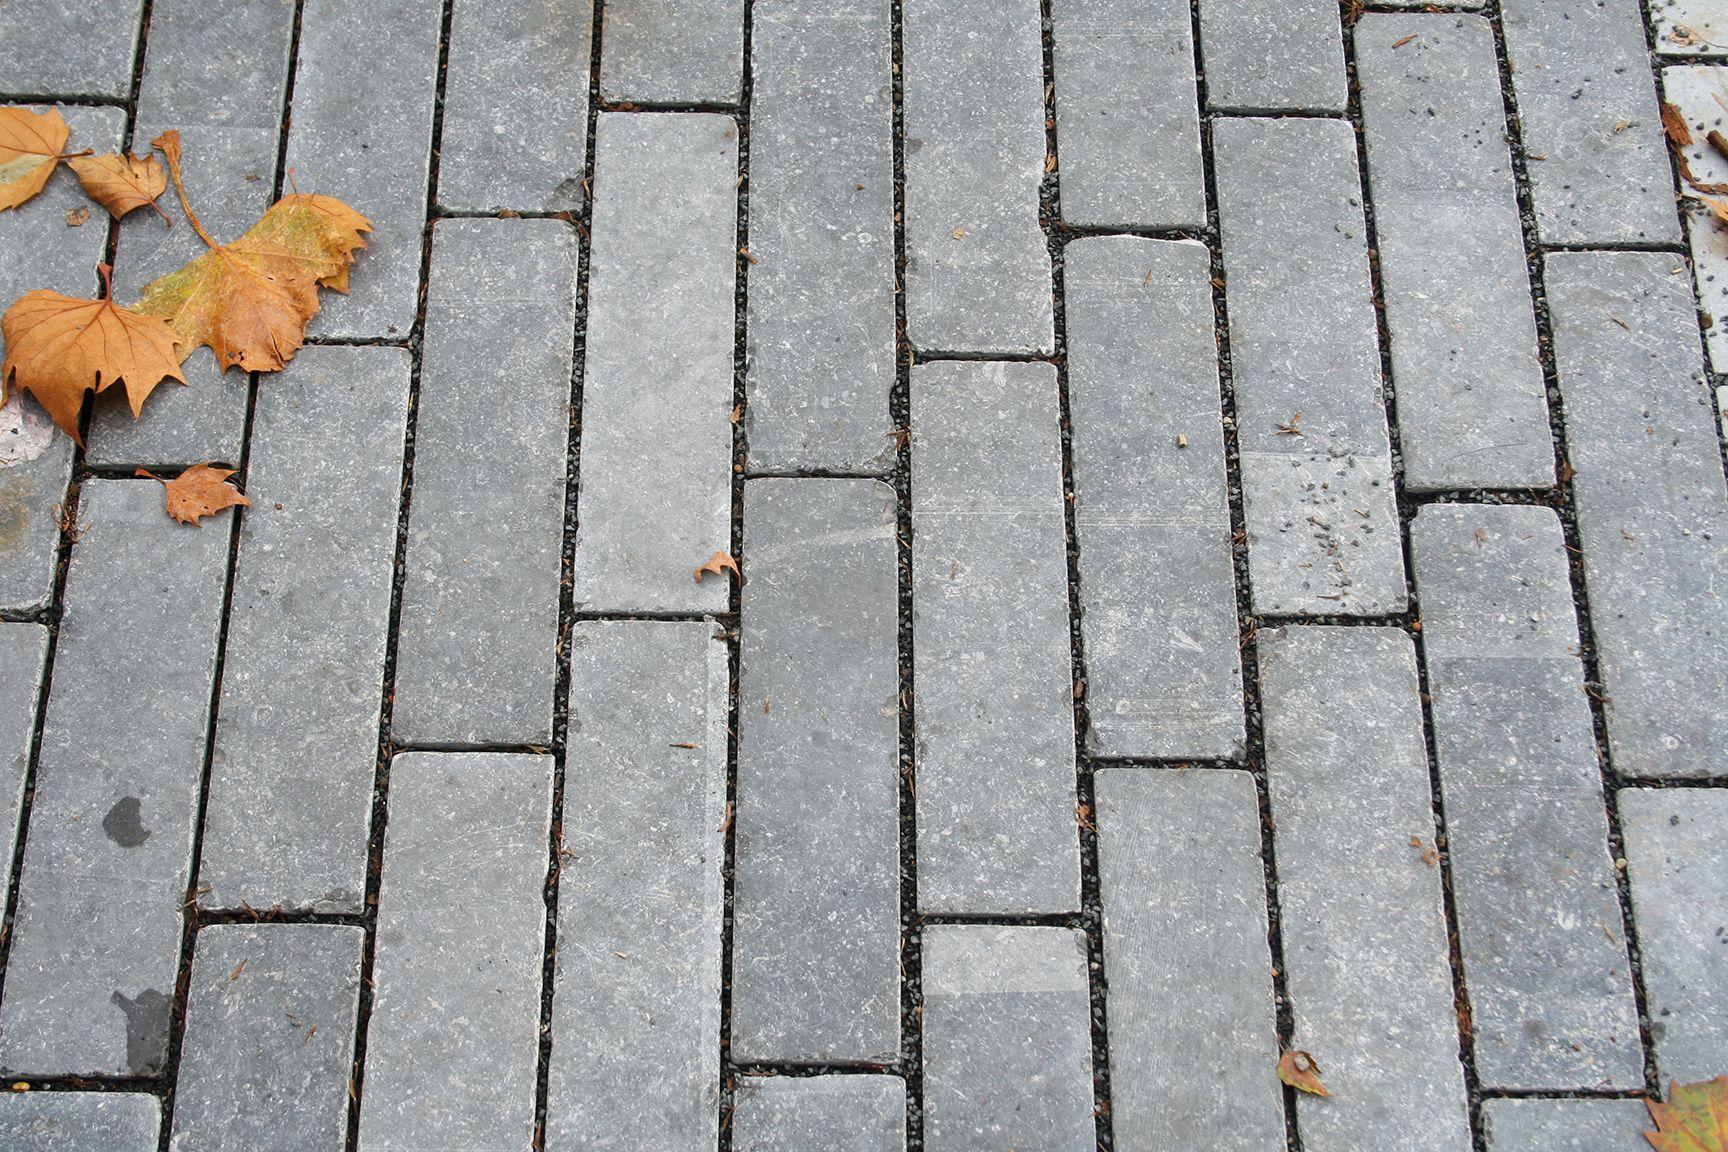 Le Pave Klinkstone Apporte Un Look Ancien A Vos Espaces Exterieurs Pierrebleue Belgianbleuestone Carrieresduhainaut Blauwe Stenen Buitenruimtes Hardsteen